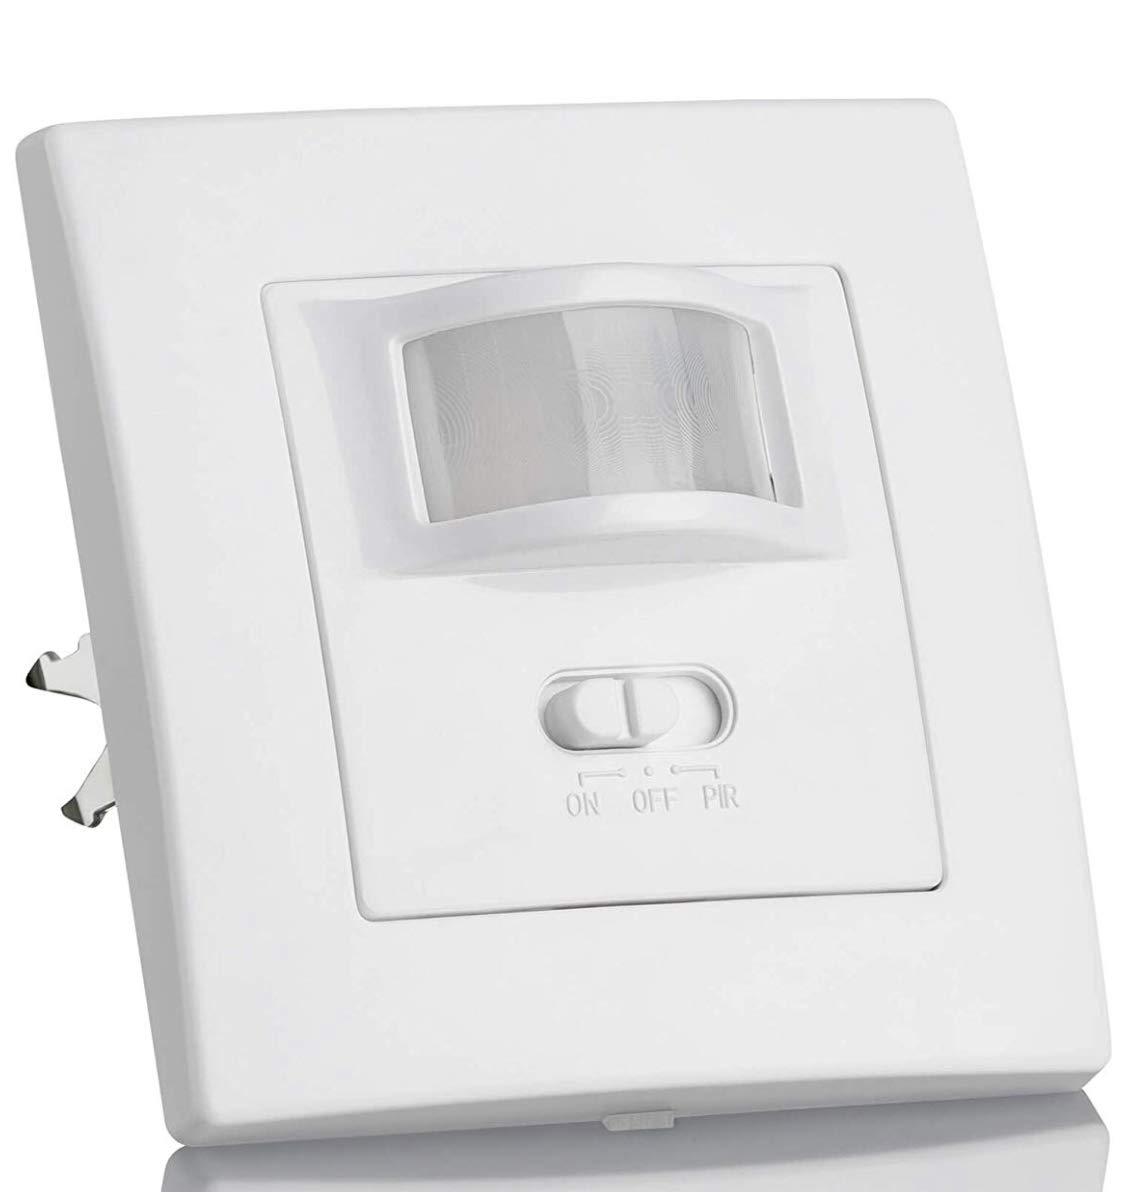 (LA) Oferta Detector Presencia, Sensor de Movimiento Pared empotrable Standard 160º. Compatible LED. Interruptor automático por Movimiento. LED ATOMANT